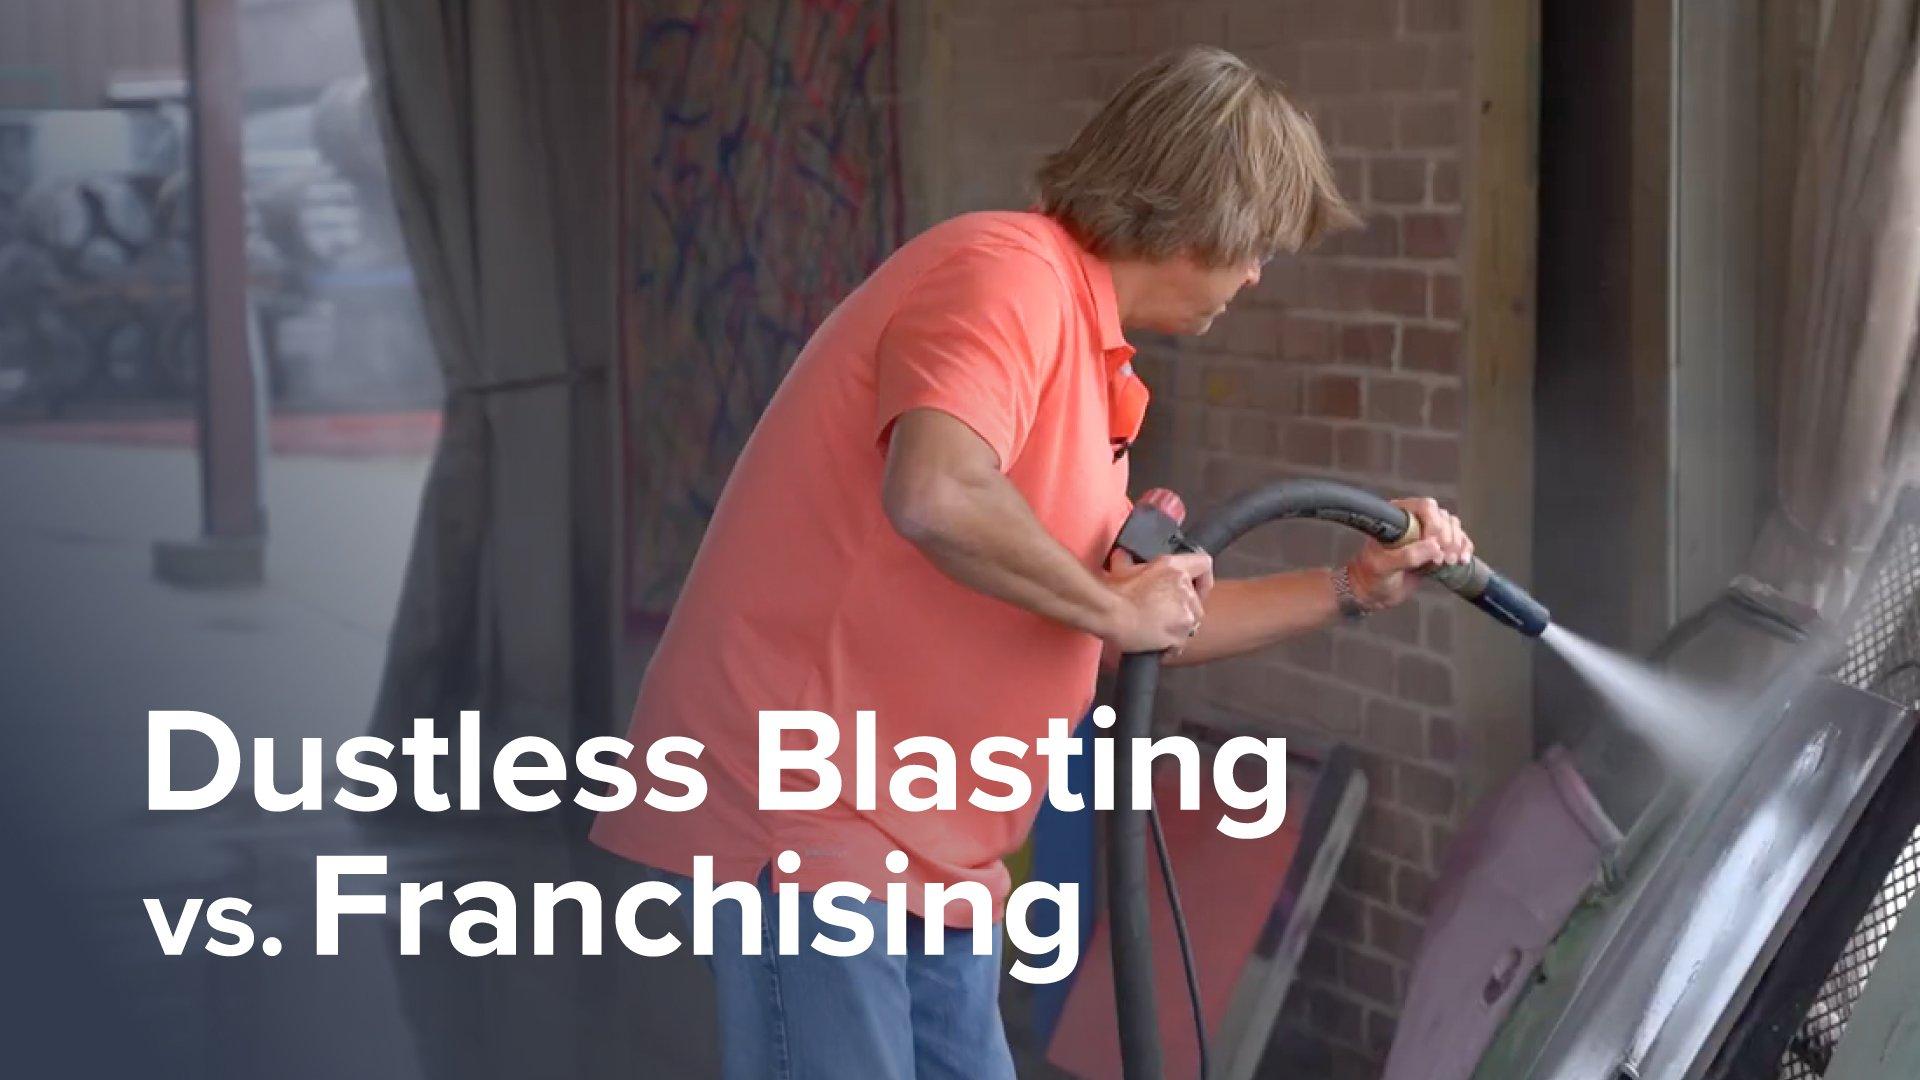 DustlessBlasting vs Franchising